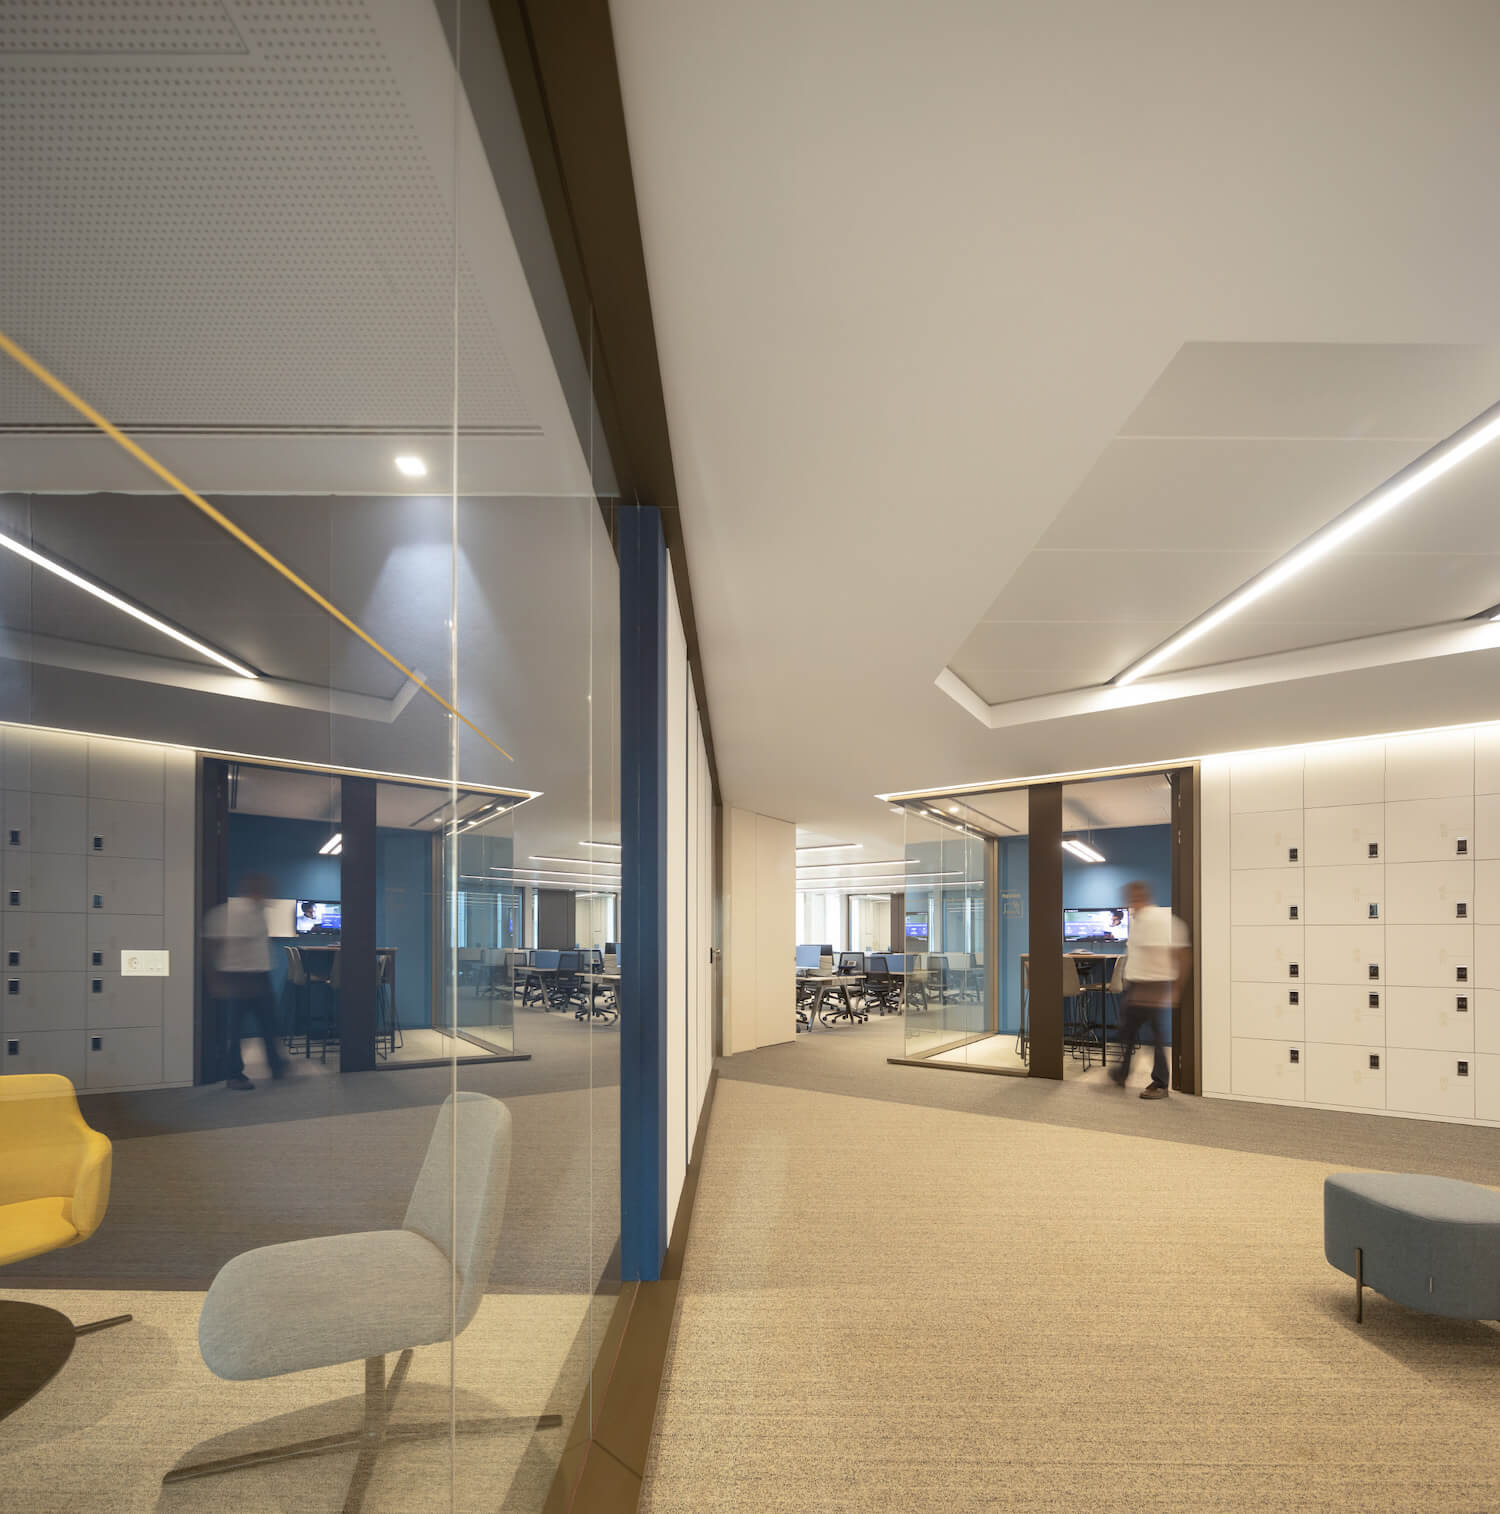 Nova sede da KPMG em Portugal com assinatura da Openbook